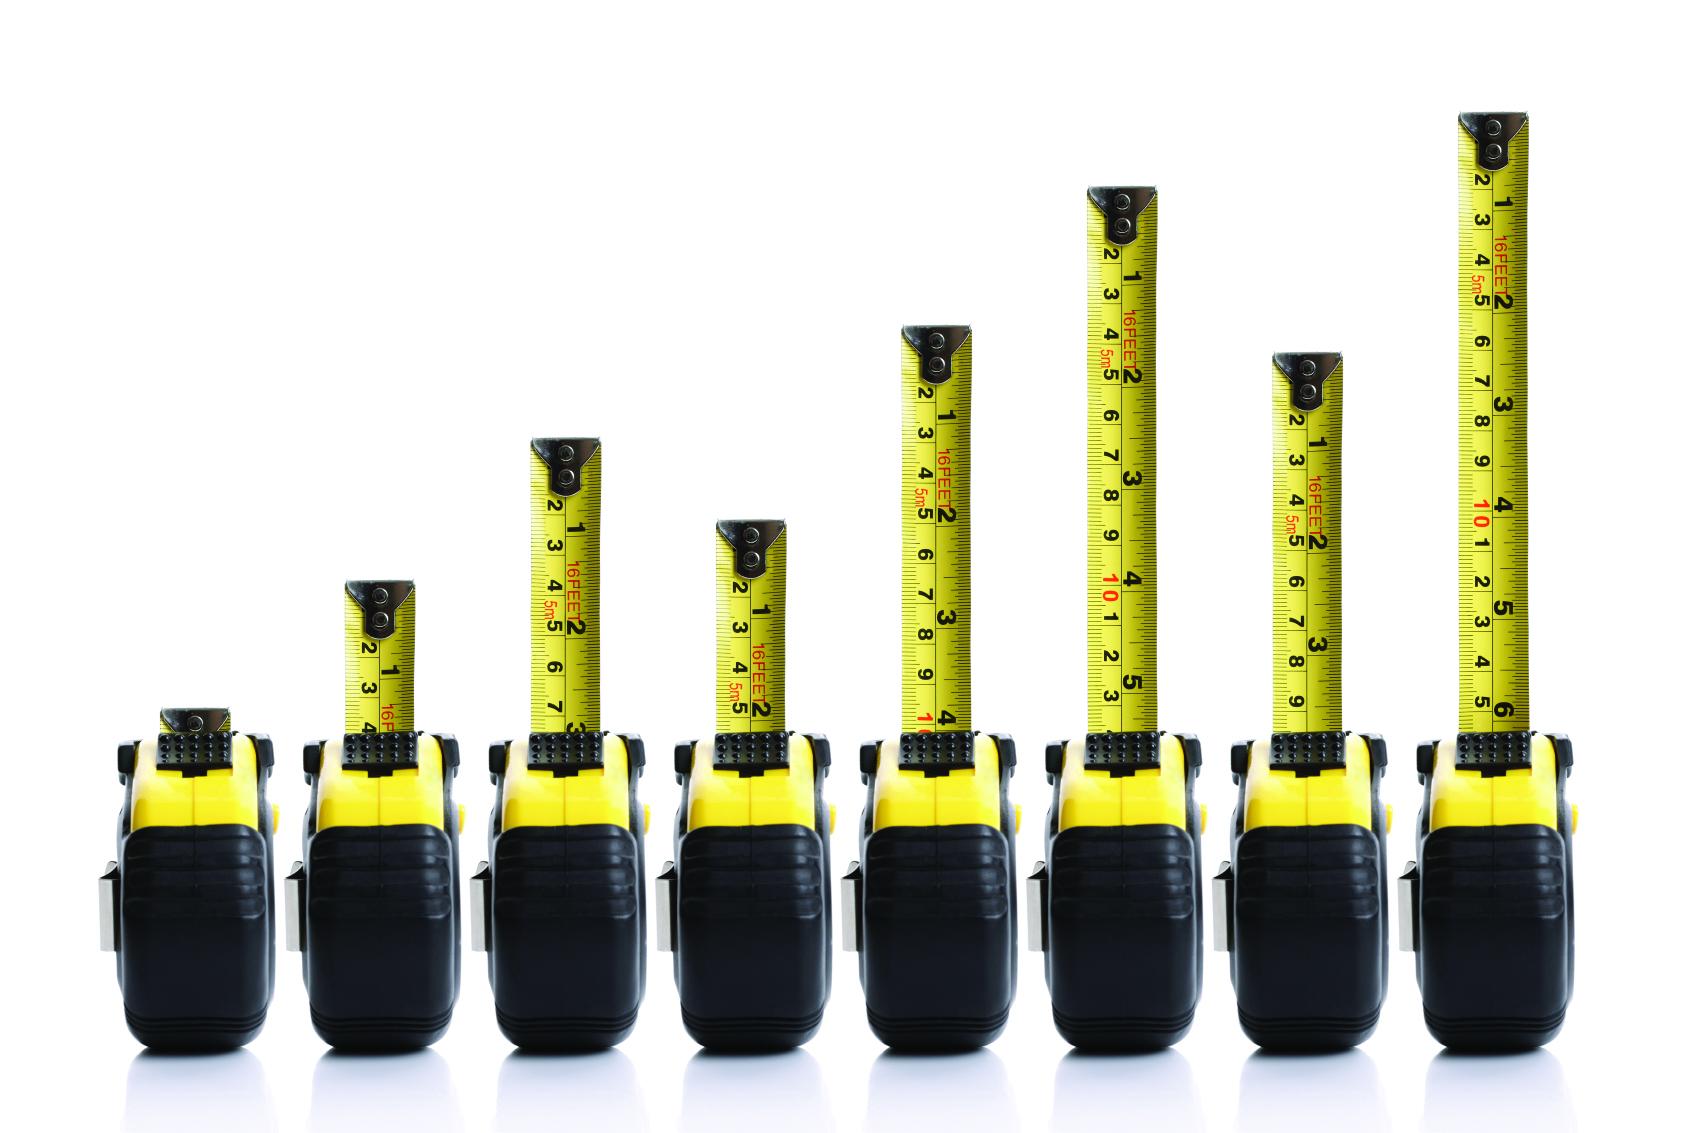 Tape measure bar graph concept